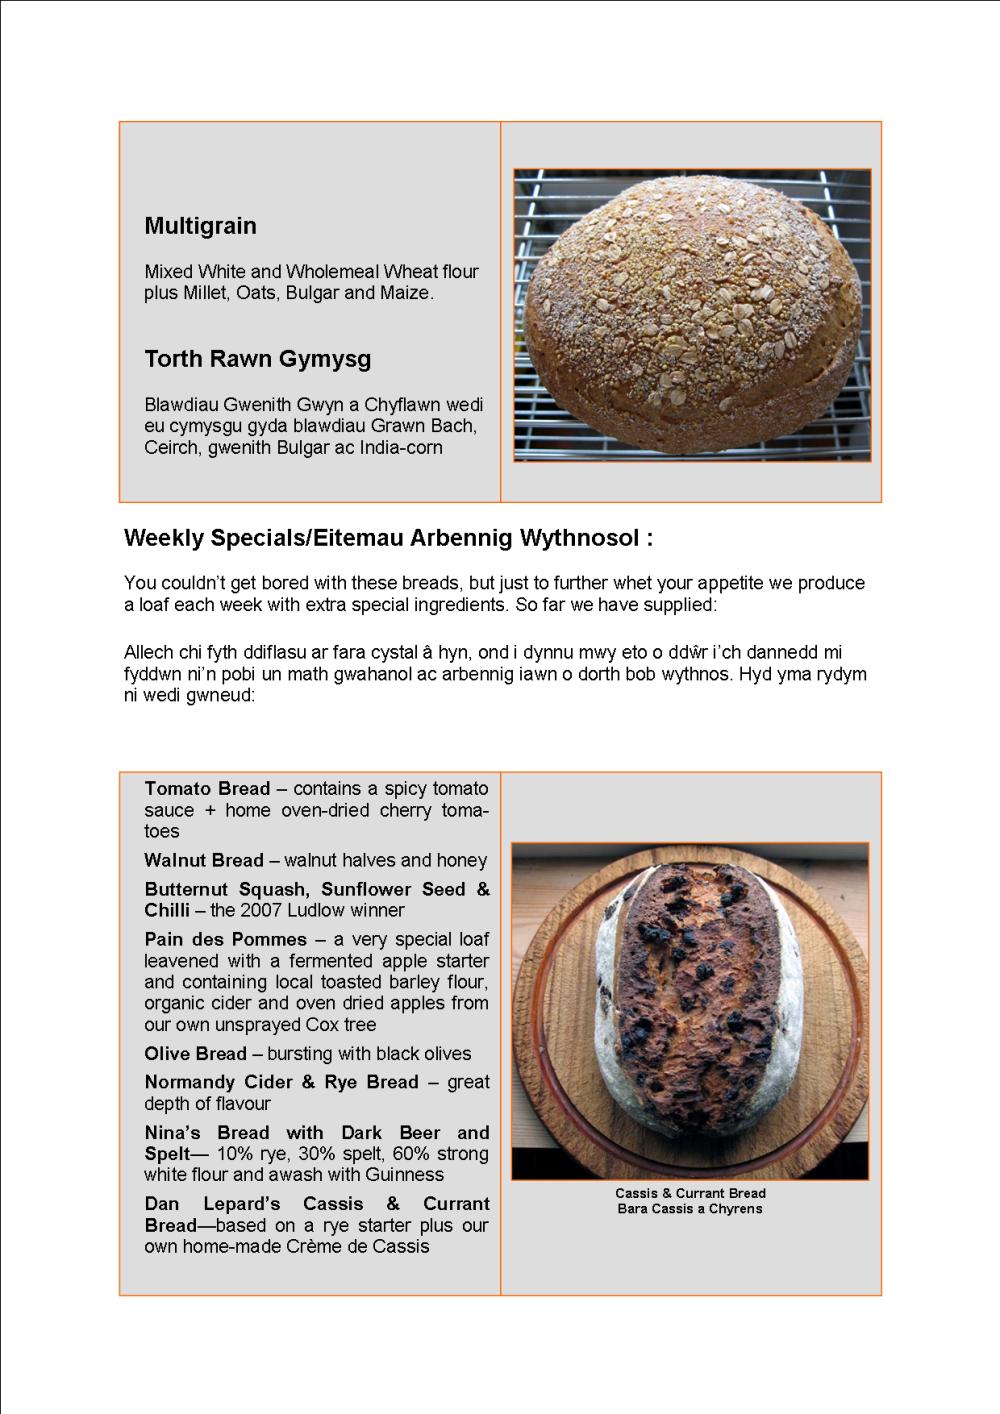 bakery info 7